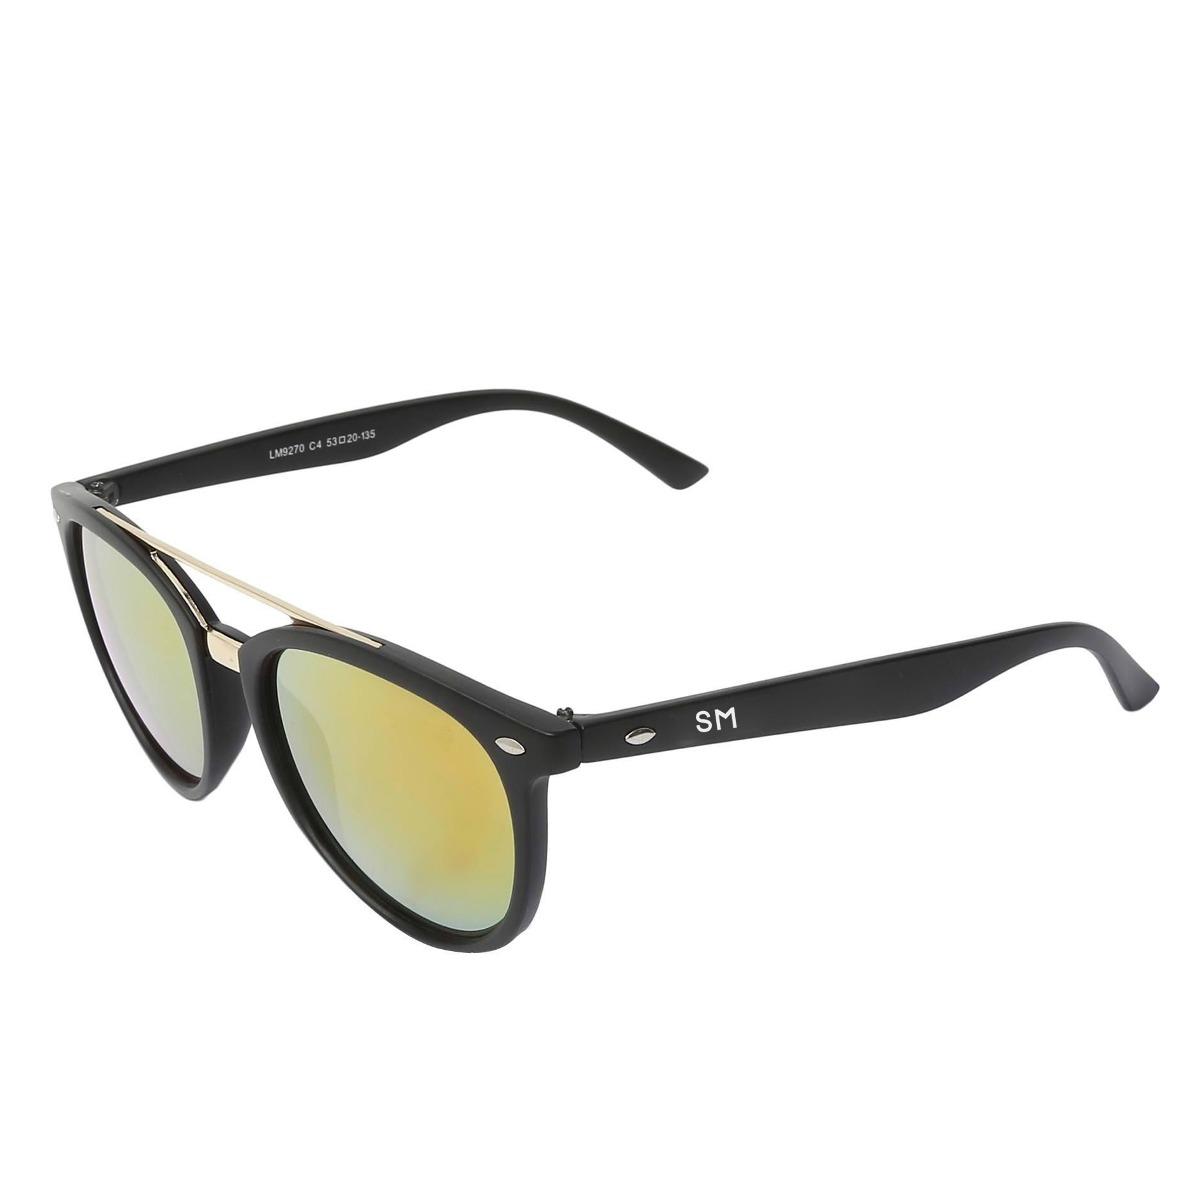 Óculos De Sol Masculino Sandro Moscoloni Leonice Preto - R  139,90 ... bcb3c66102